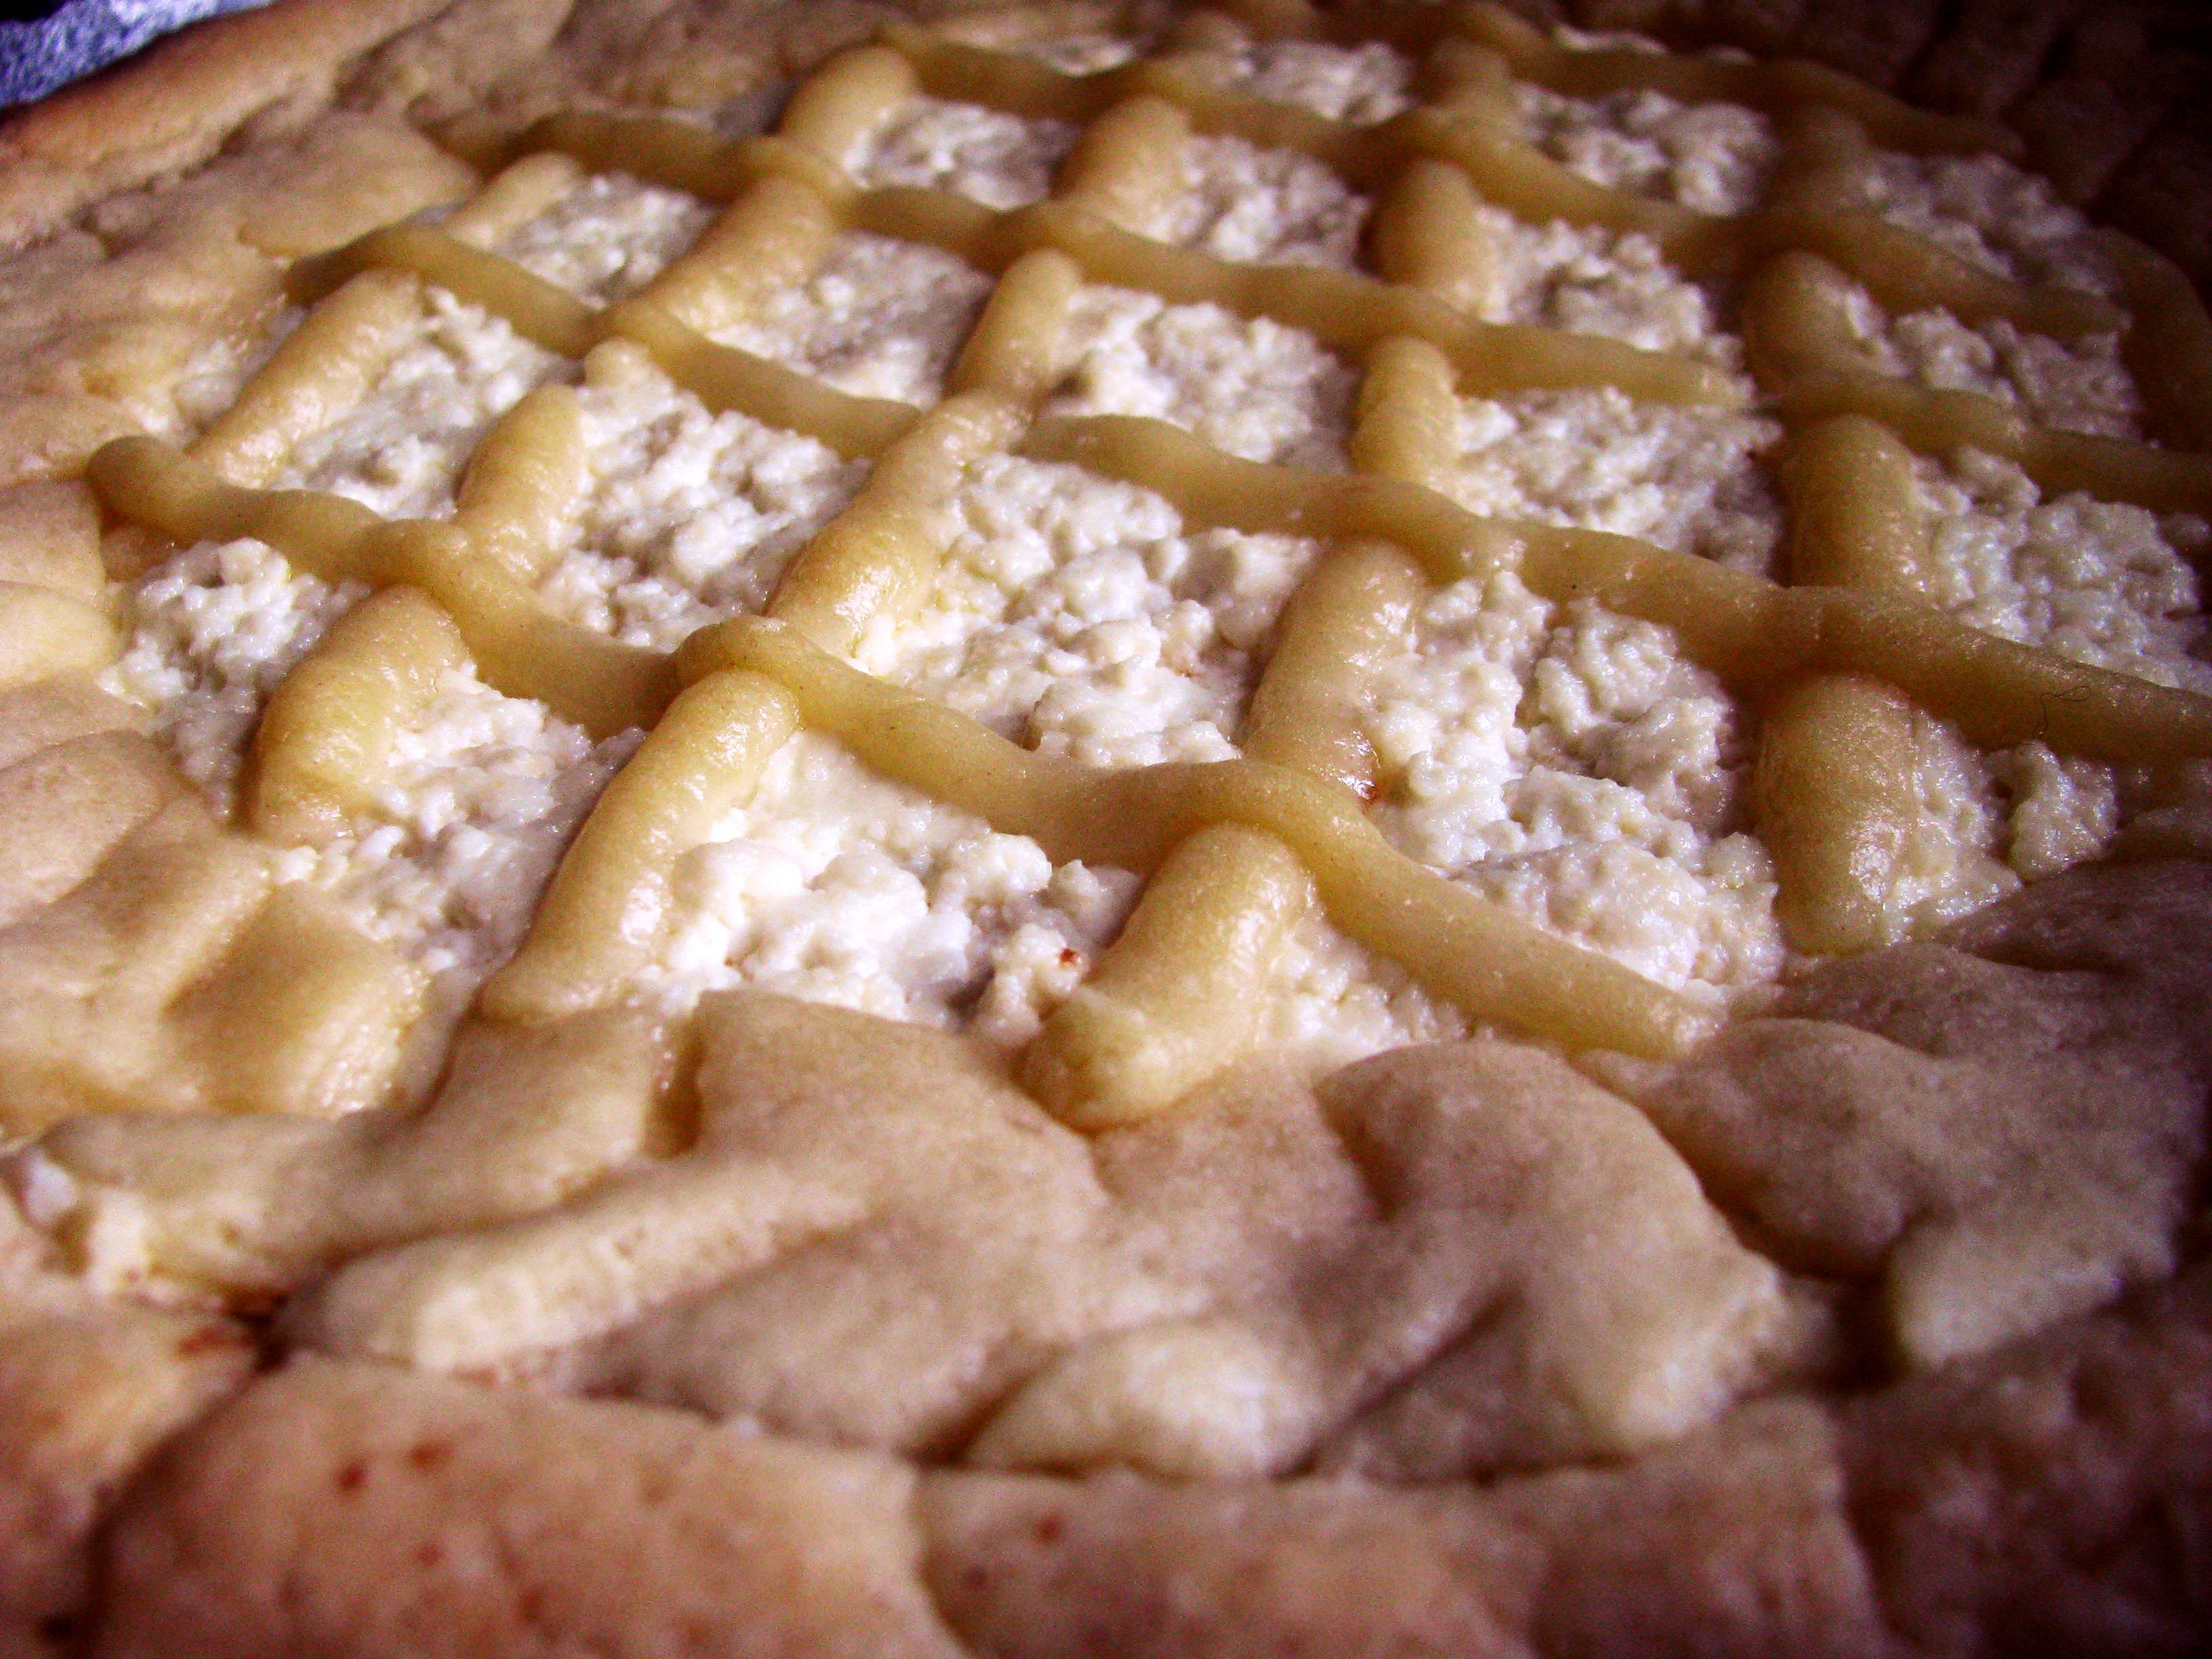 Украшаем полосками теста и выпекаем пирог «Южный». Фото: Алина Маслакова/The Epoch Times Украина